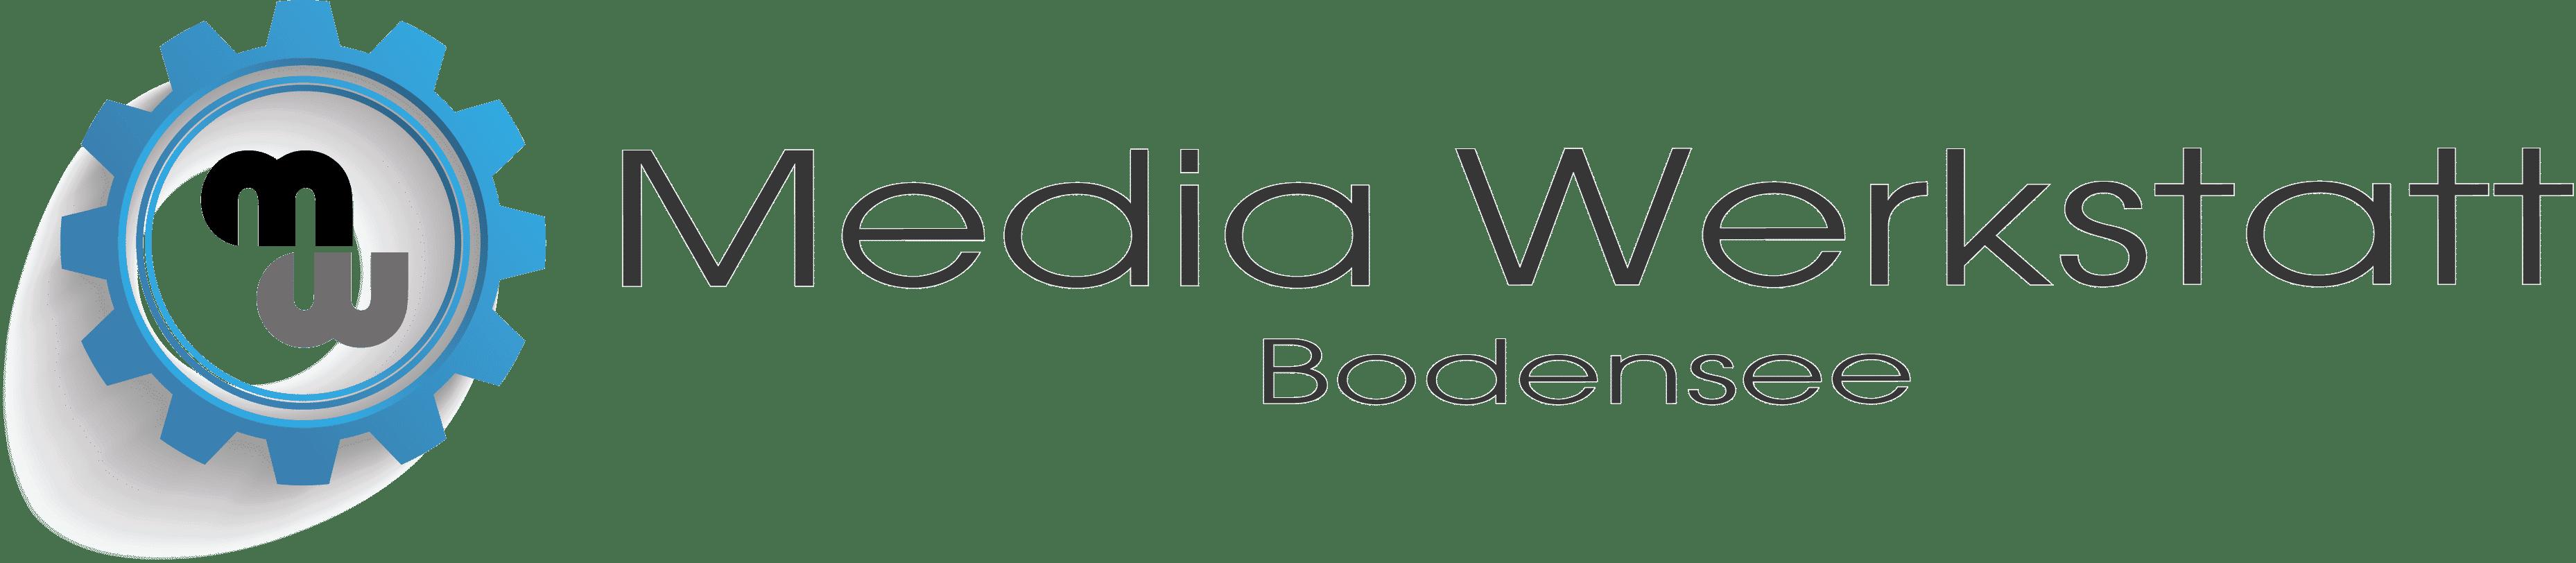 Media Werkstatt Bodensee - Social Media Agentur